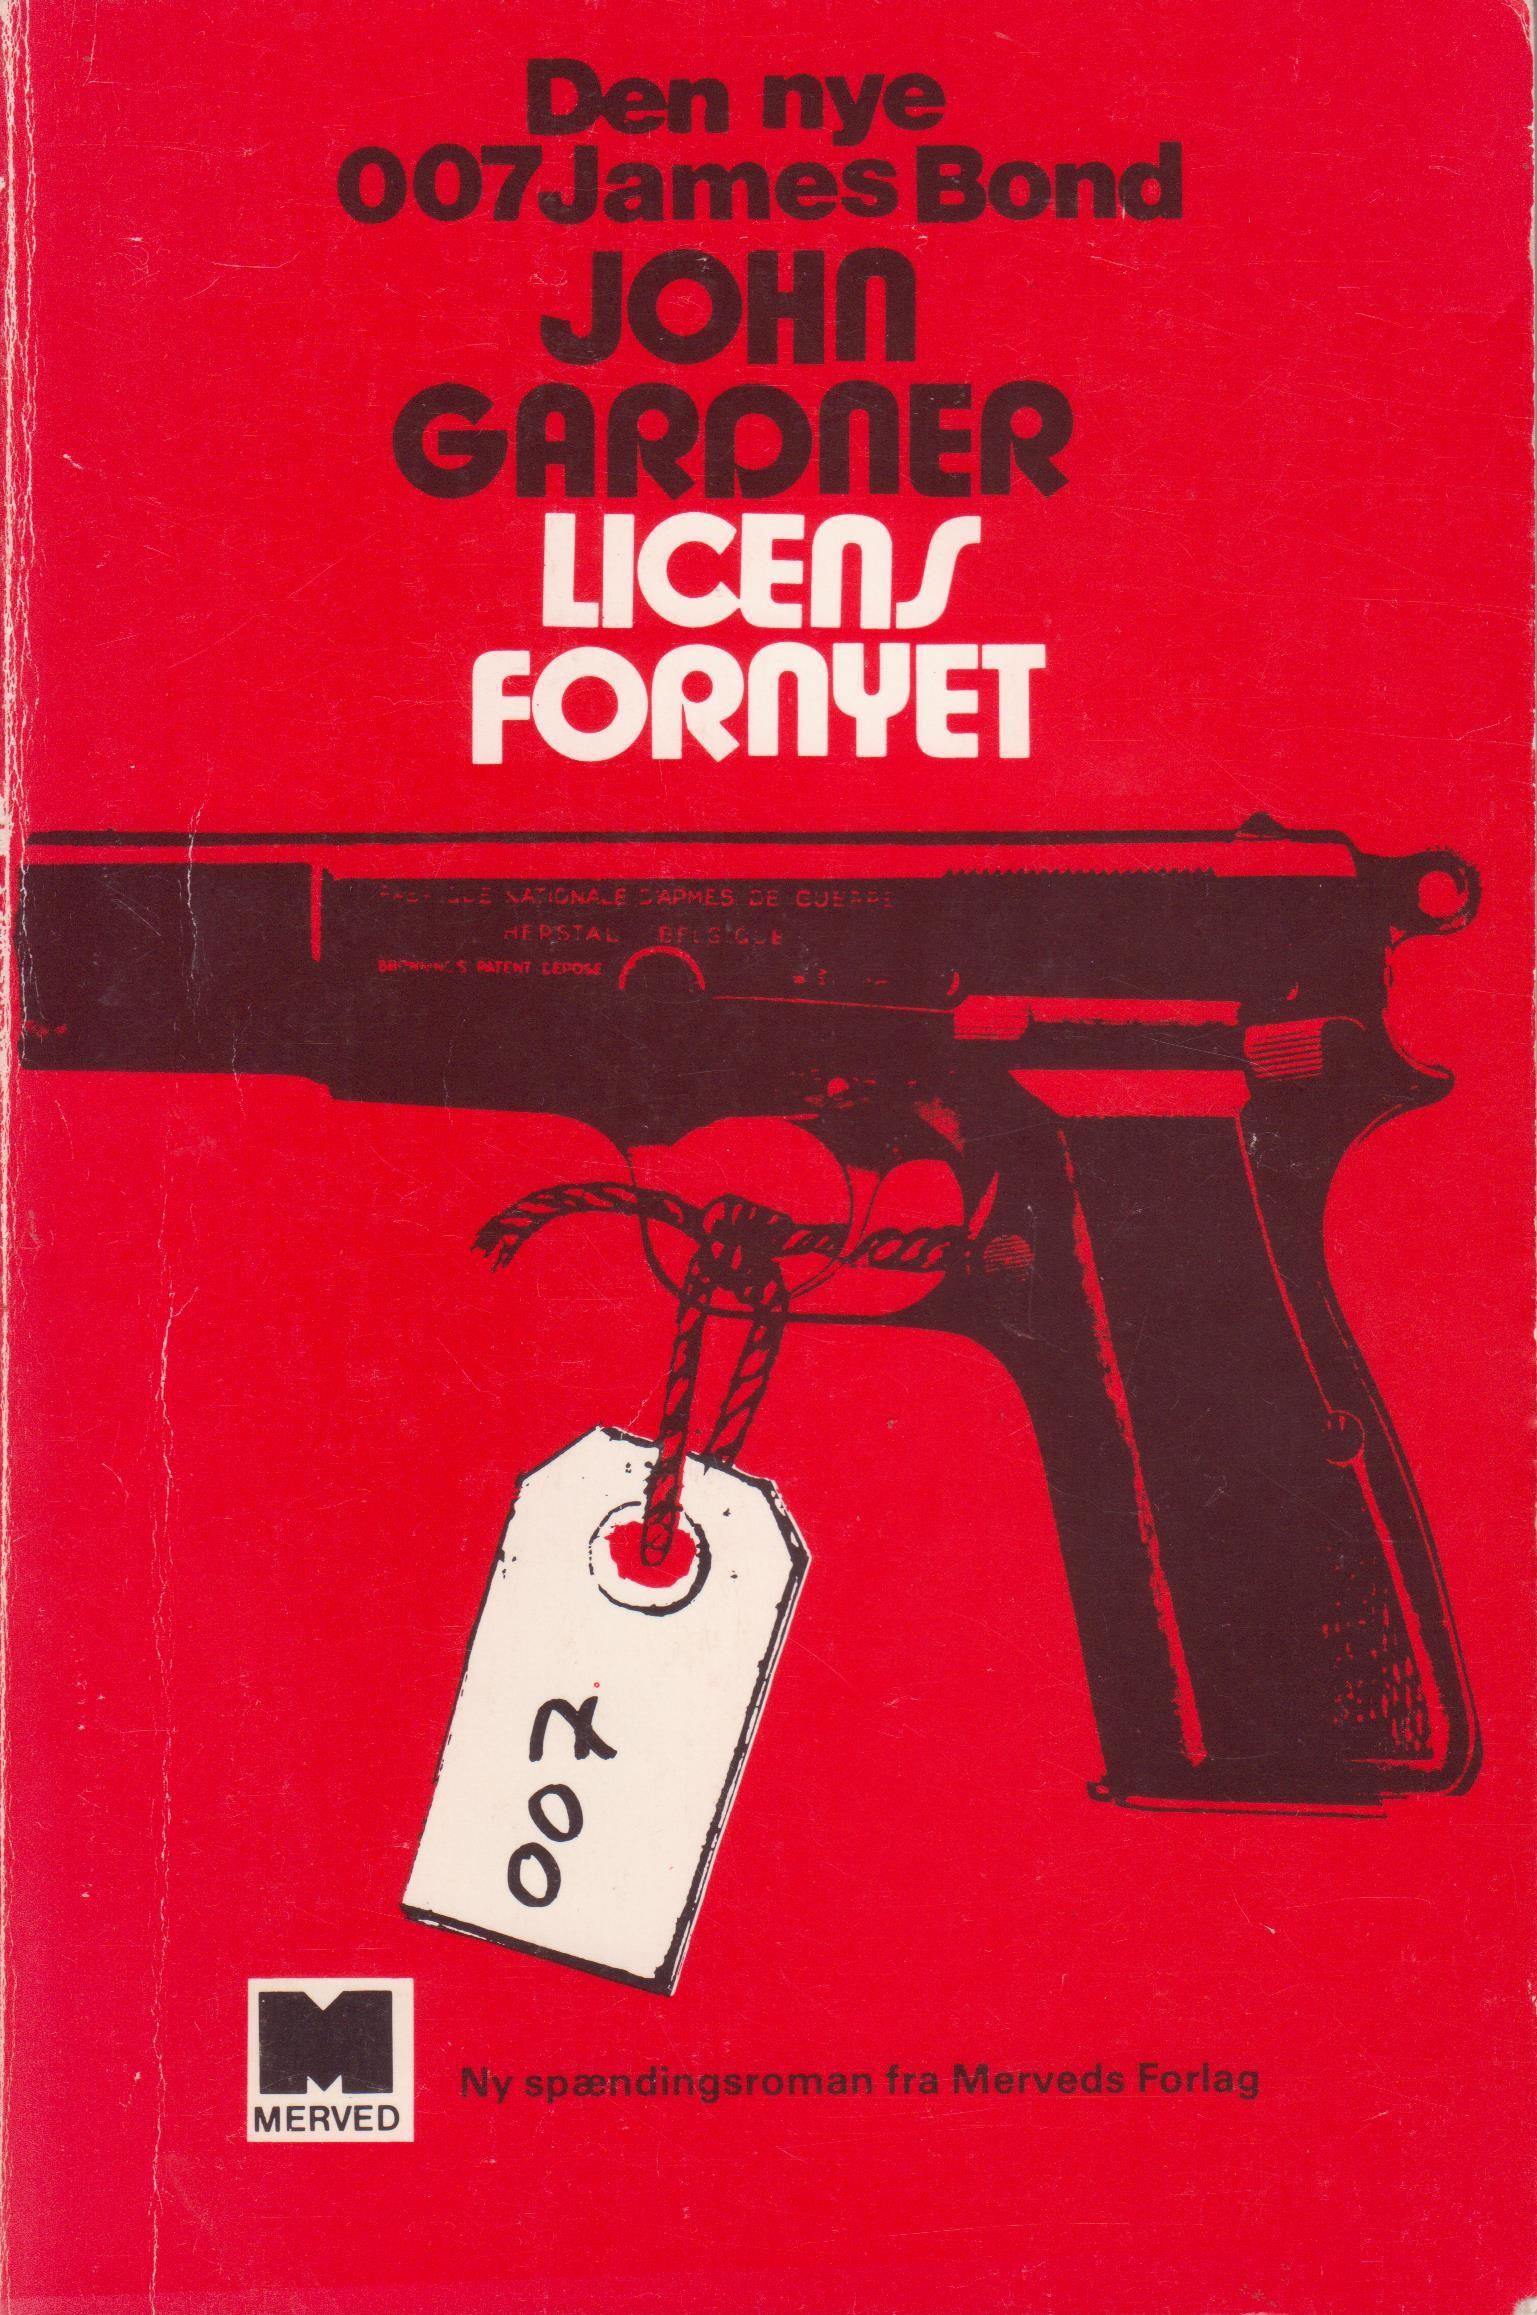 Gardner_Licens fornyet DK 1981.jpeg